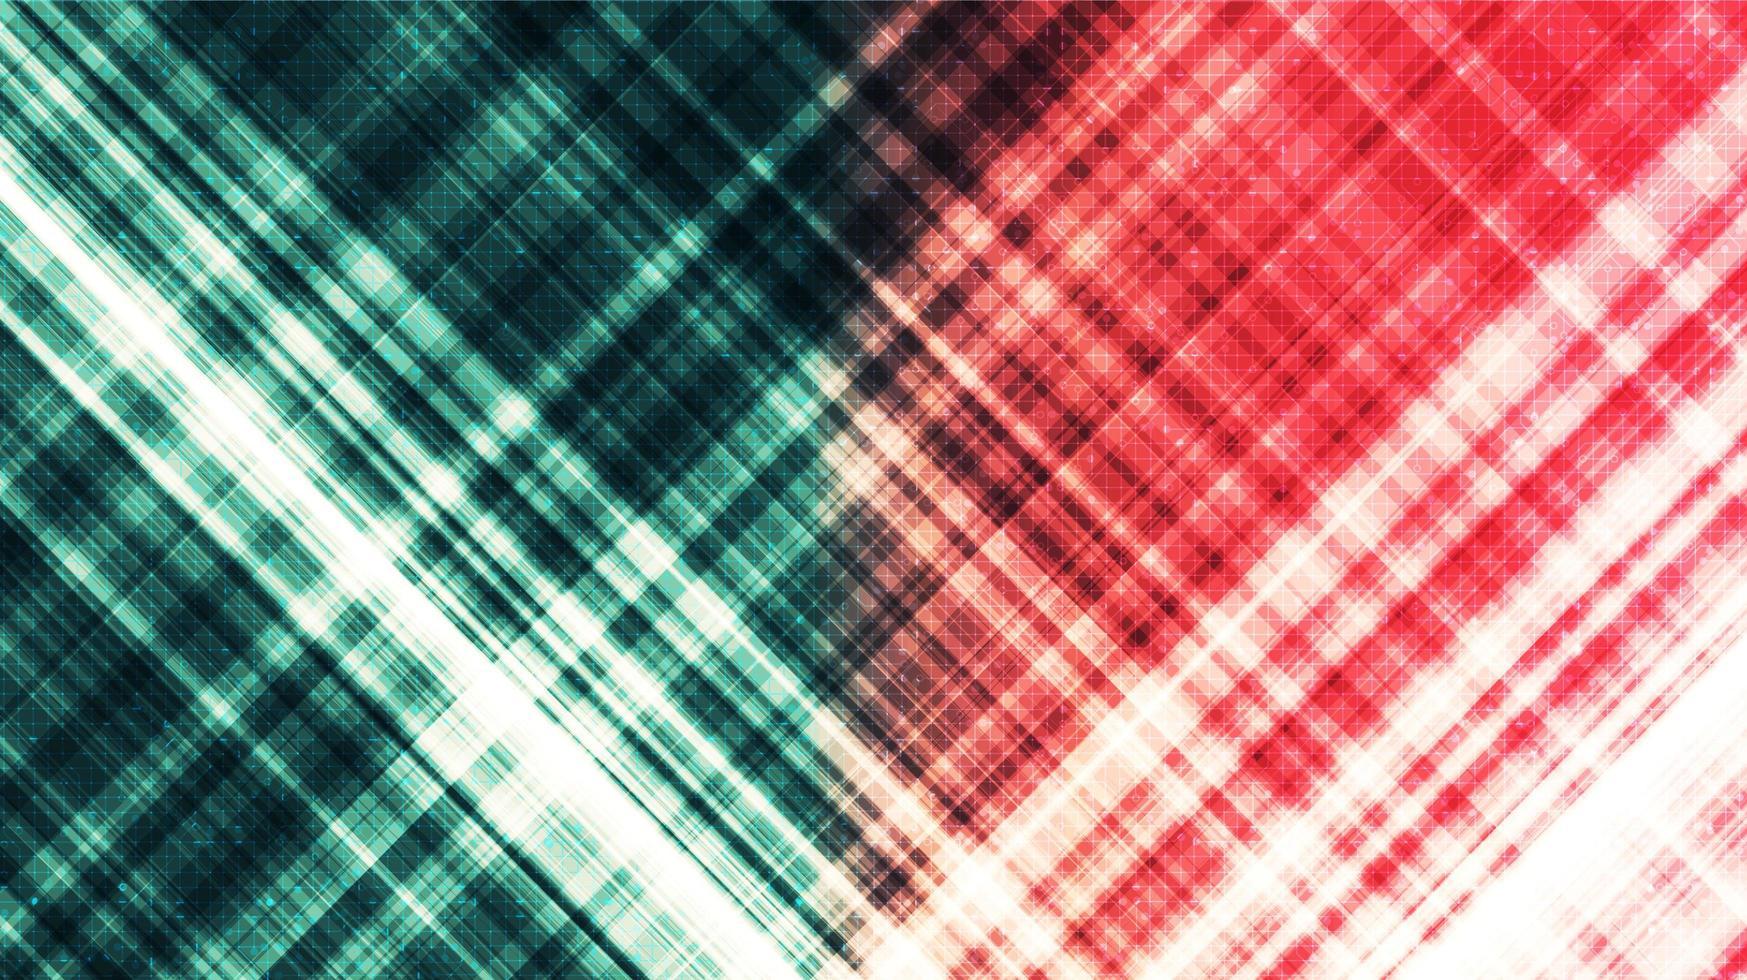 sfondo tecnologia verde e rosso, design concept digitale e comunicazione hi-tech, spazio libero per il testo vettore